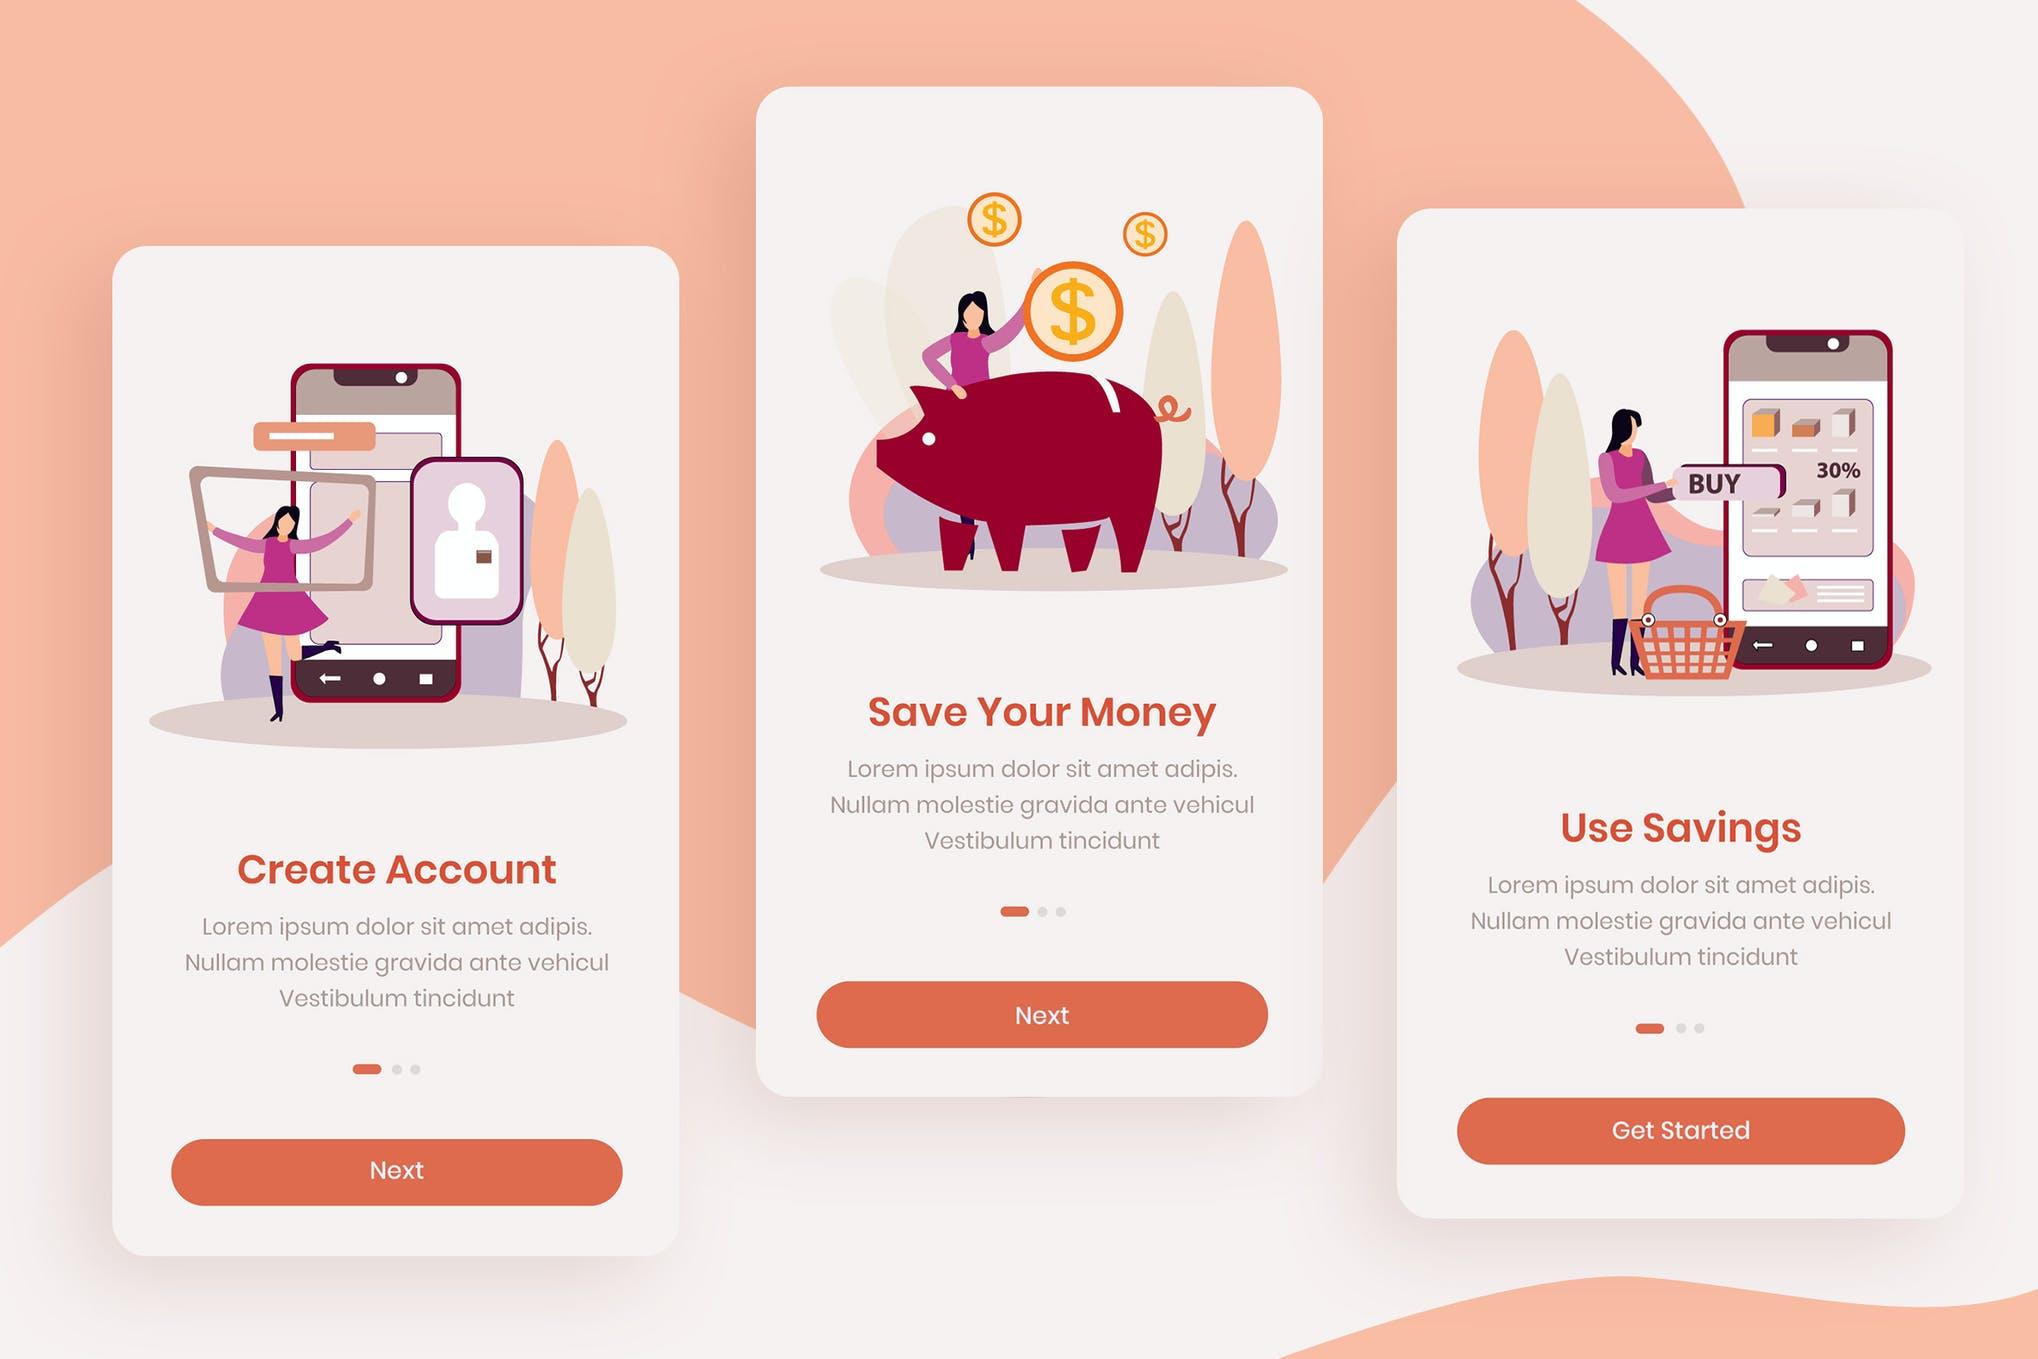 省钱入门应用程序屏幕金融钱包APP引导页面